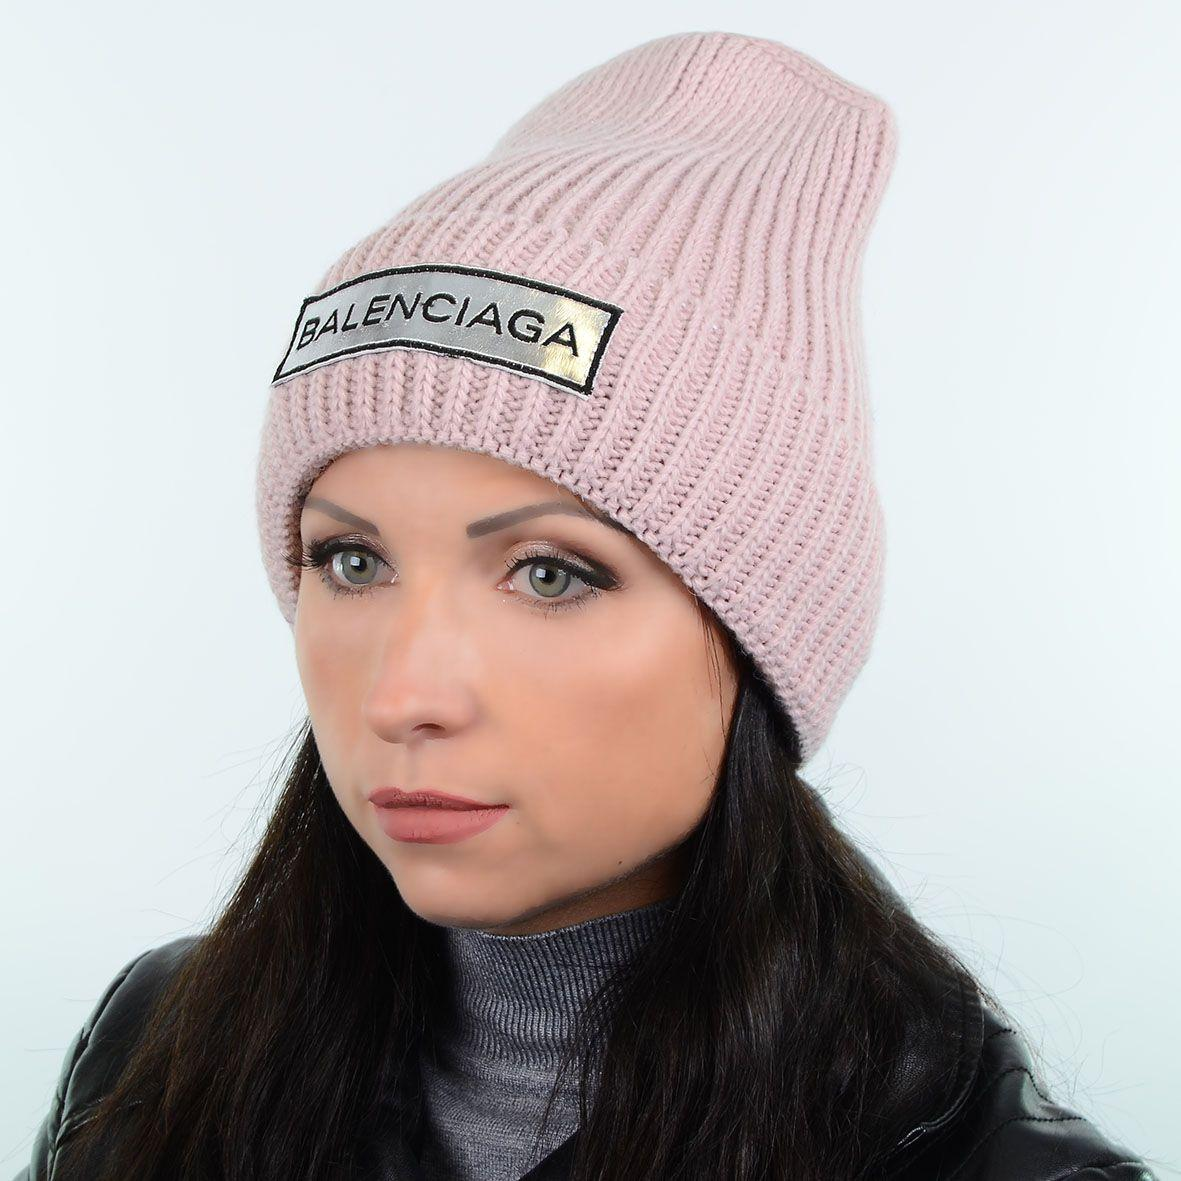 яркая и модная вязаная женская шапка с нашивкой Balanciaga 180583